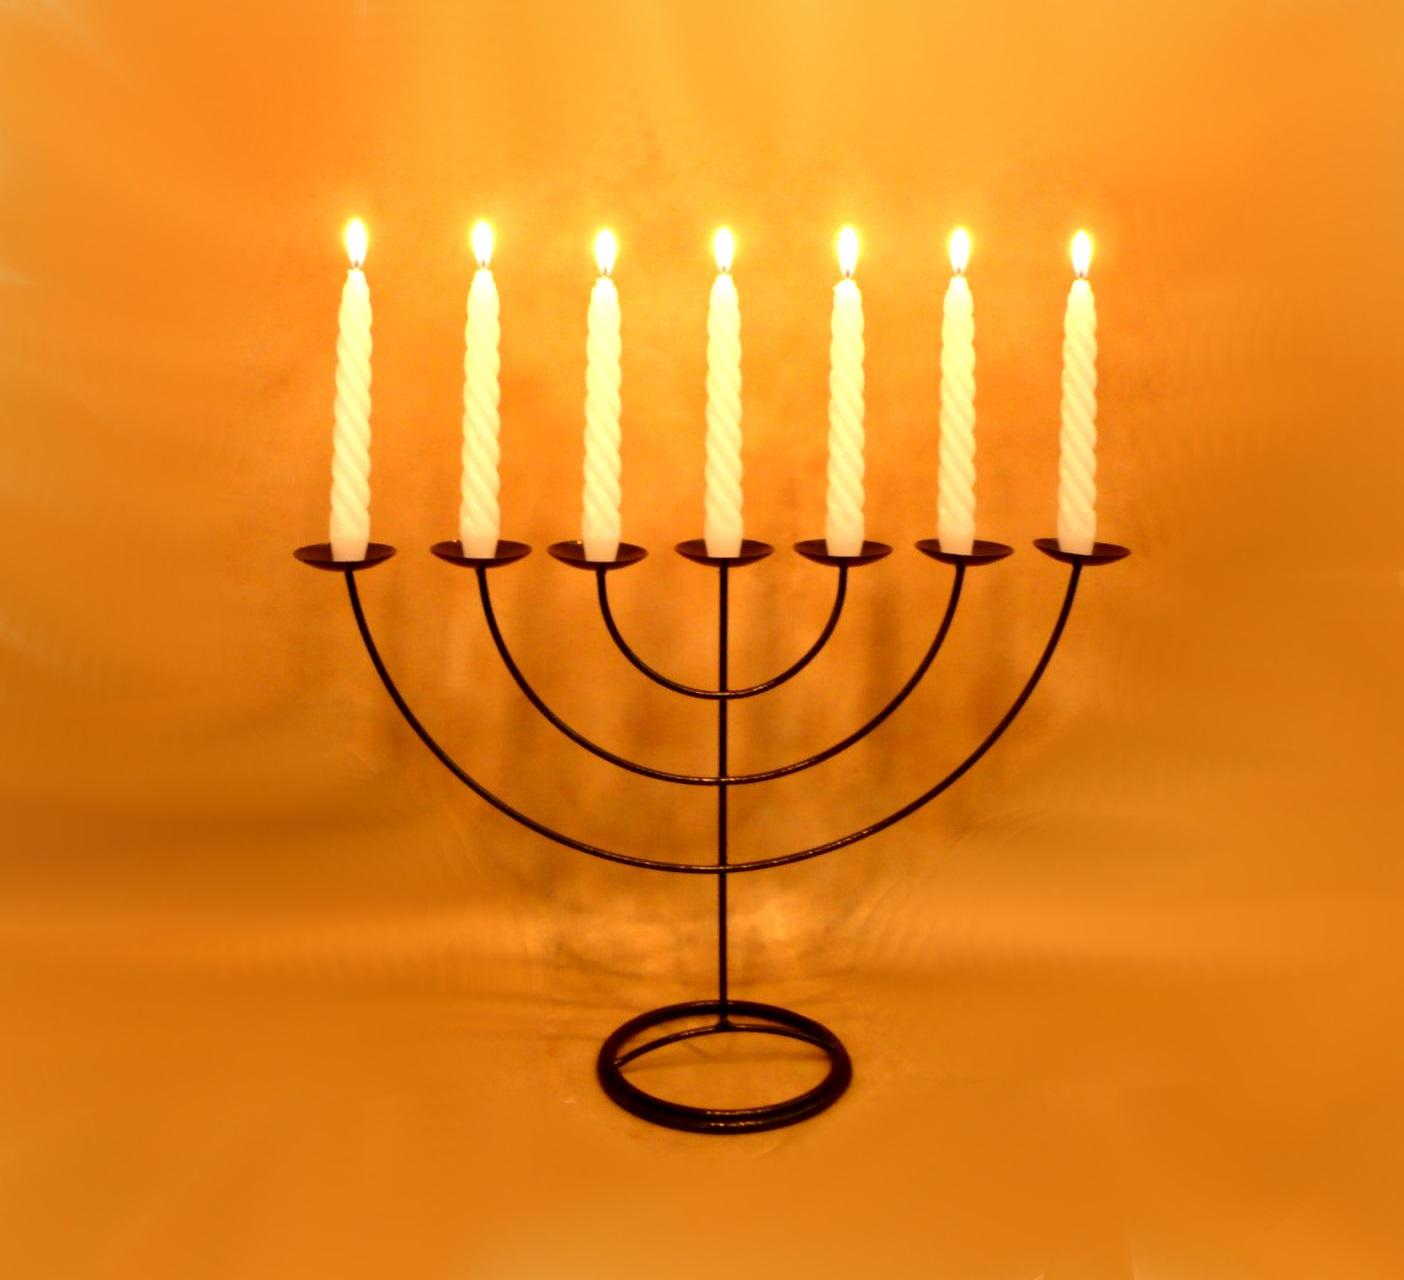 Menorah G Candelabro 7 braços com 7 velas cód. 80243 no Elo7 | VELITAS  Velas e Ferros decorativos (7C2B66)